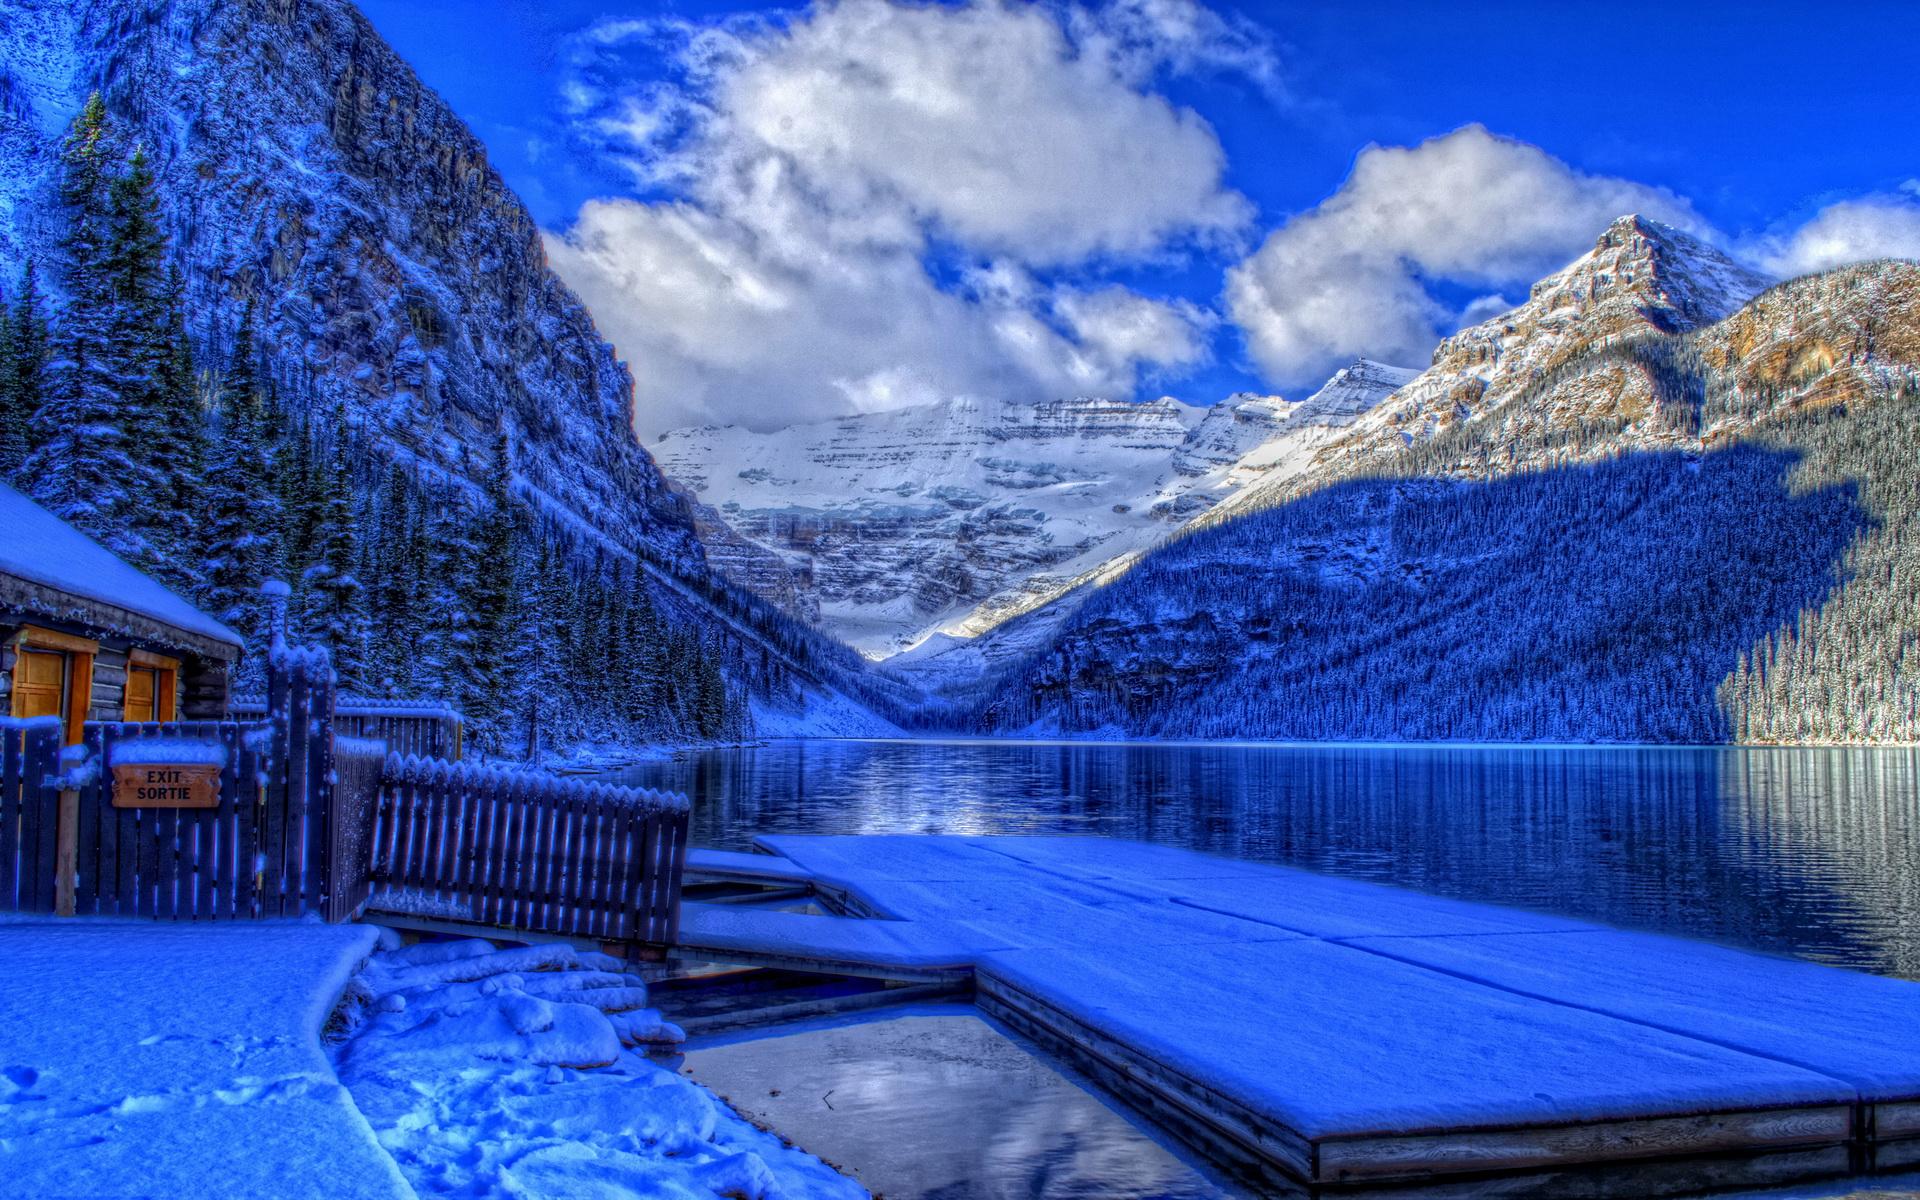 بالصور صور عن الشتاء , اروع صور للشتاء امطار و ثلوج 2933 16